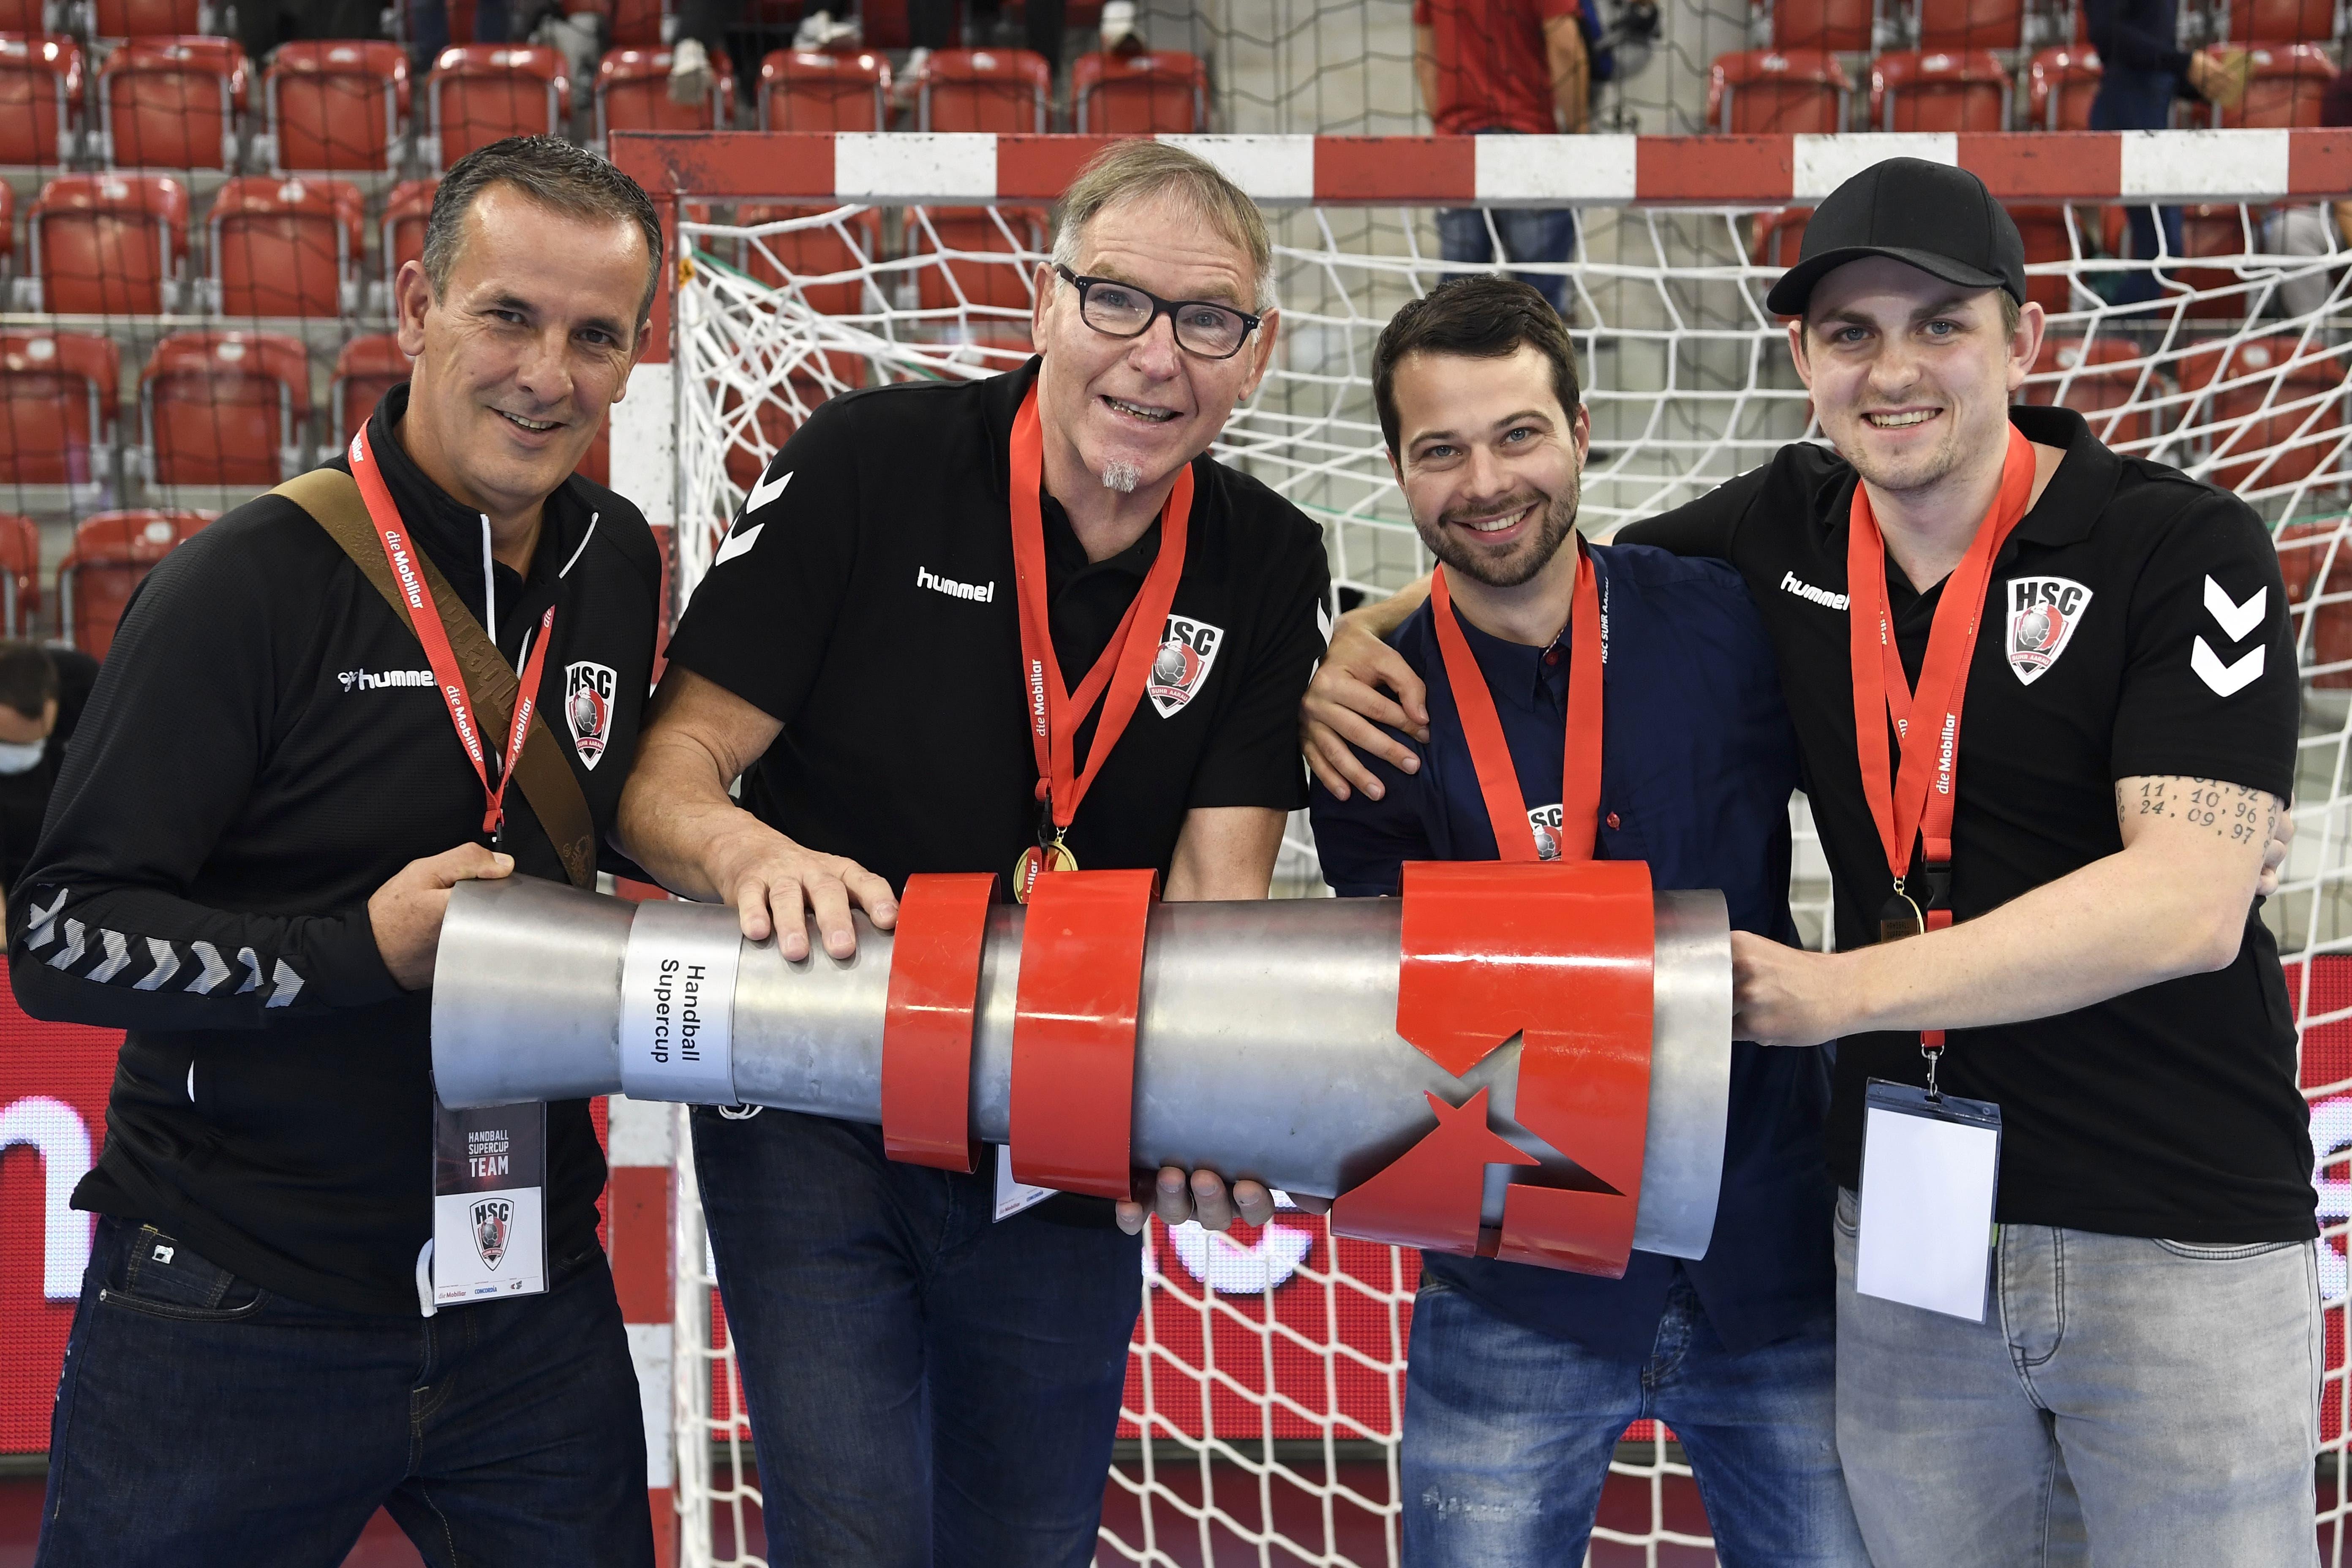 Der erste Titel nach 20 Jahren: Sportchef Michael Conde (l.), Präsident René Zehnder (2.v.l.), Geschäftsführer Lukas Wernli (2.v.r.) und Teammanager Beau Kägi posieren mit der Supercup-Trophäe.